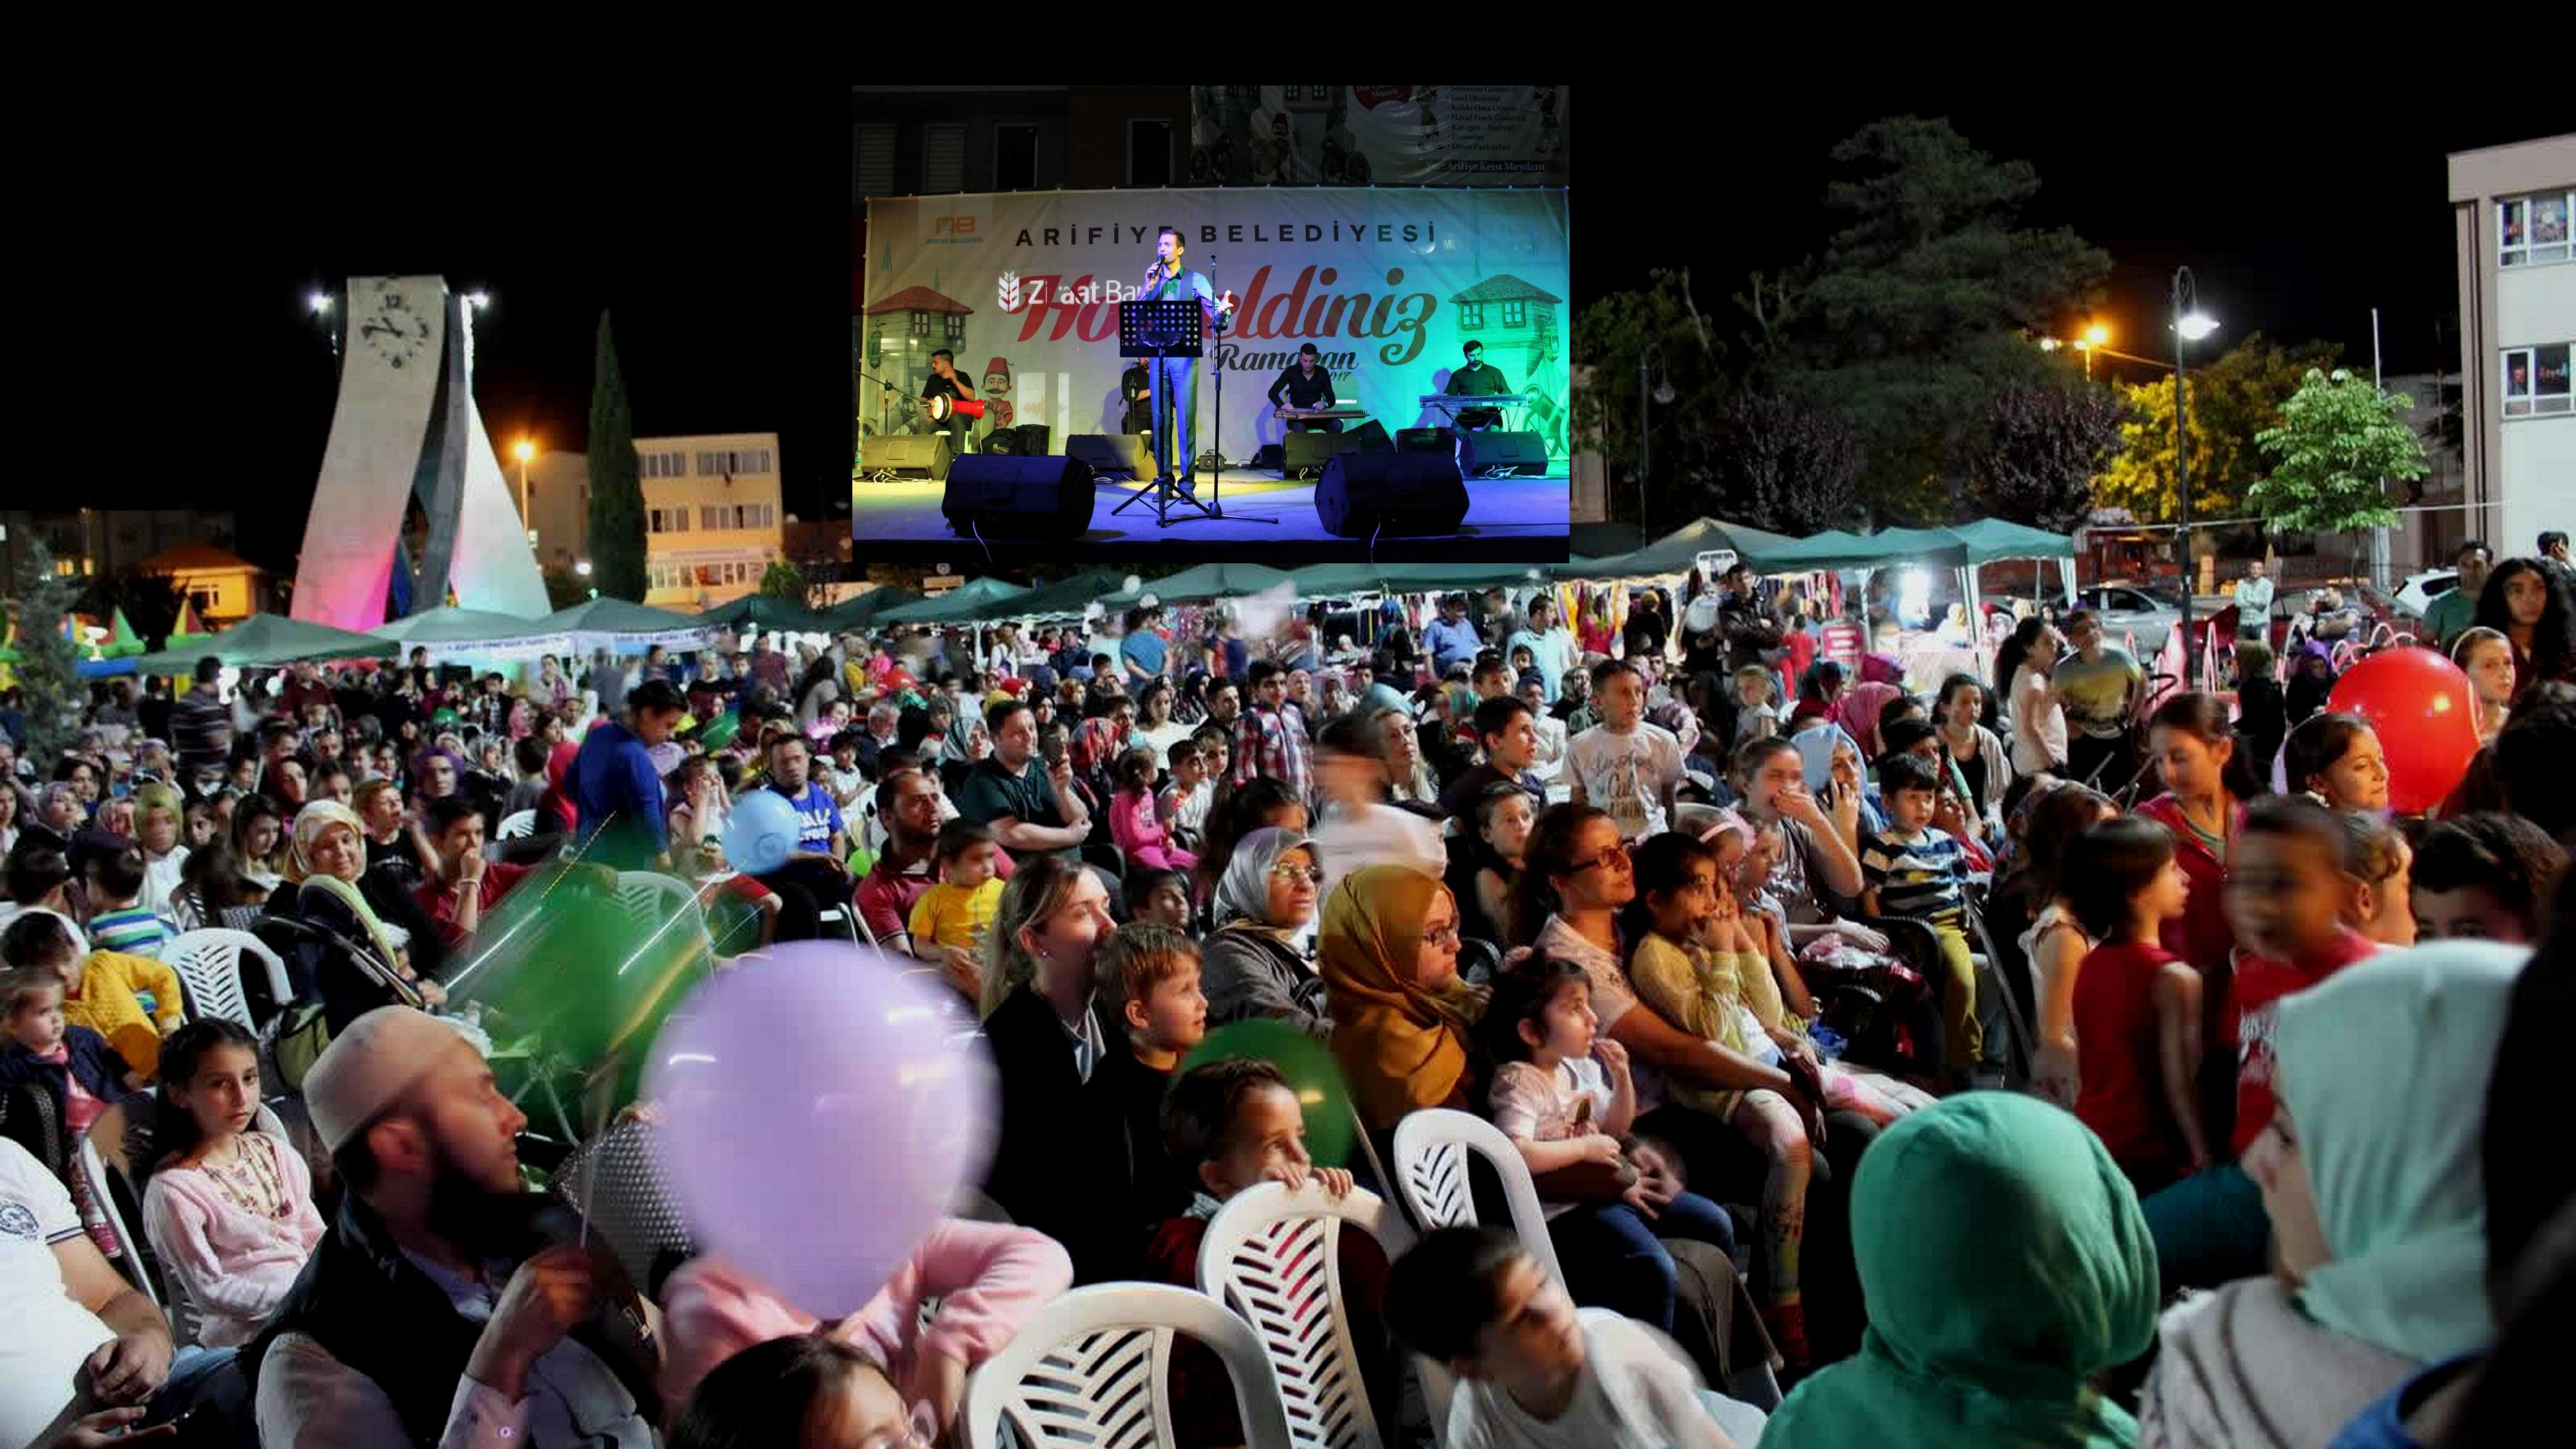 Arifiye Belediyesi Ramazan Etkinliklerinde İkinci Perde